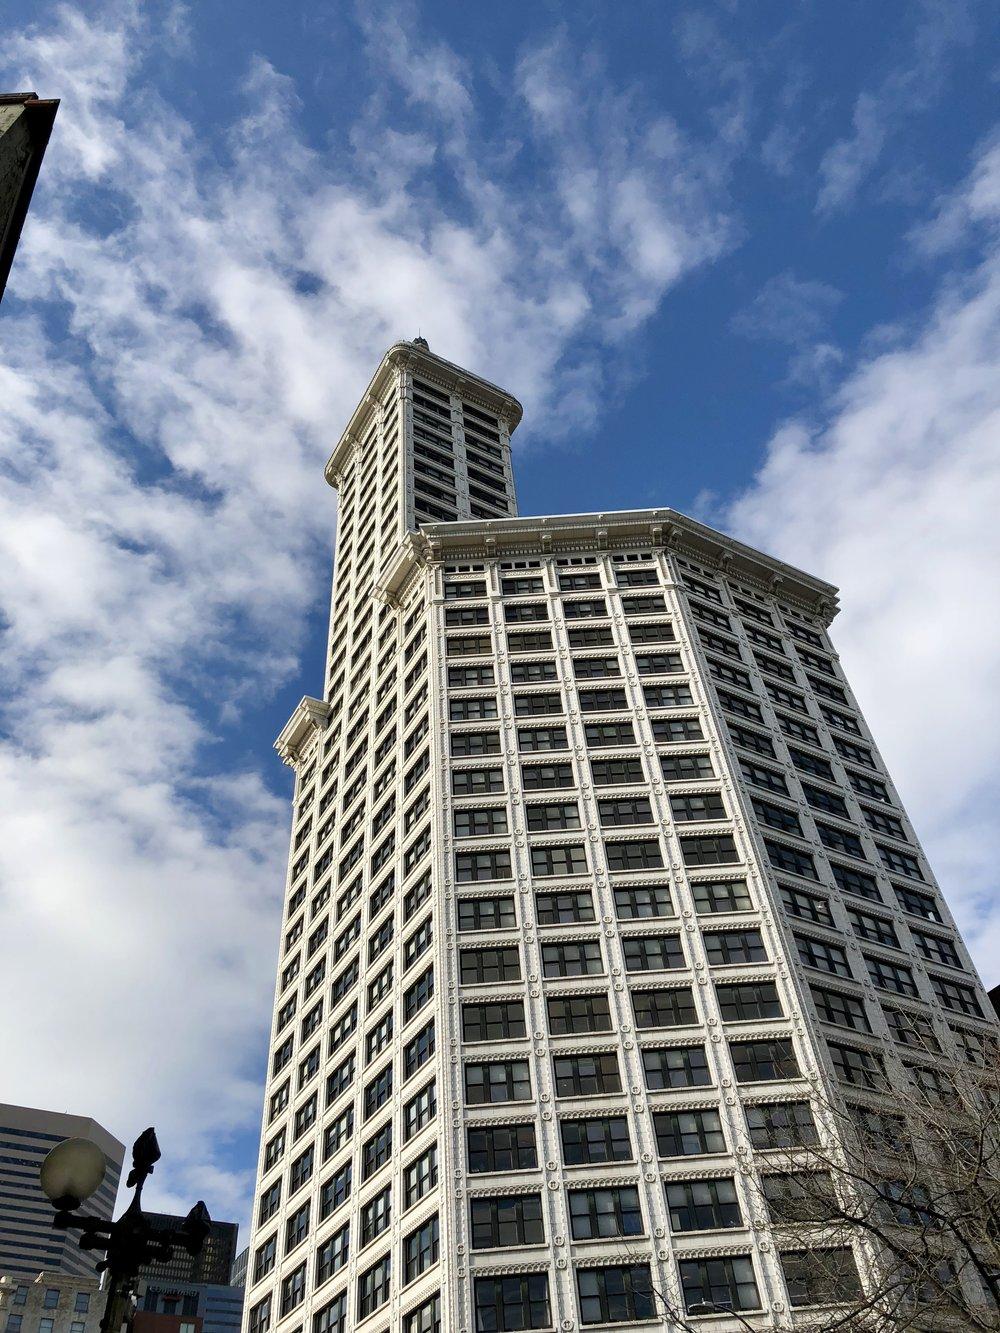 Smith Tower - Seattle's original skyscraper